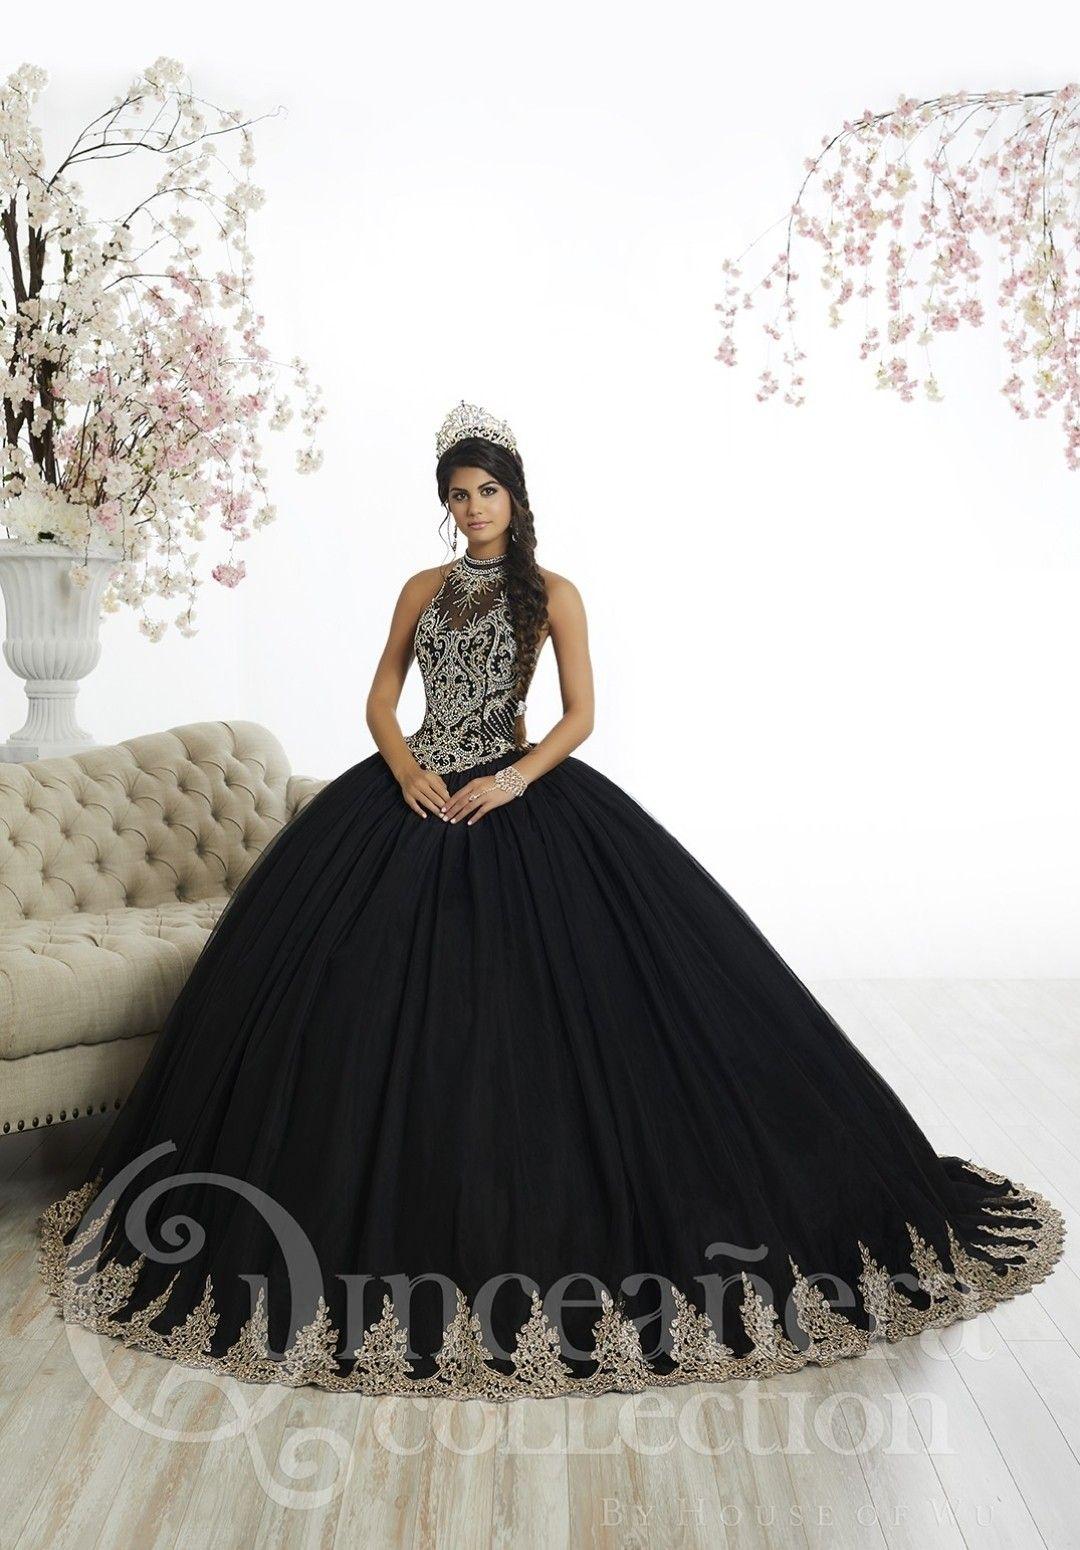 Pin By Kittykktty On Odezhda Dlya Vseh Black Quinceanera Dresses Quinceanera Dresses Pretty Quinceanera Dresses [ 1550 x 1080 Pixel ]